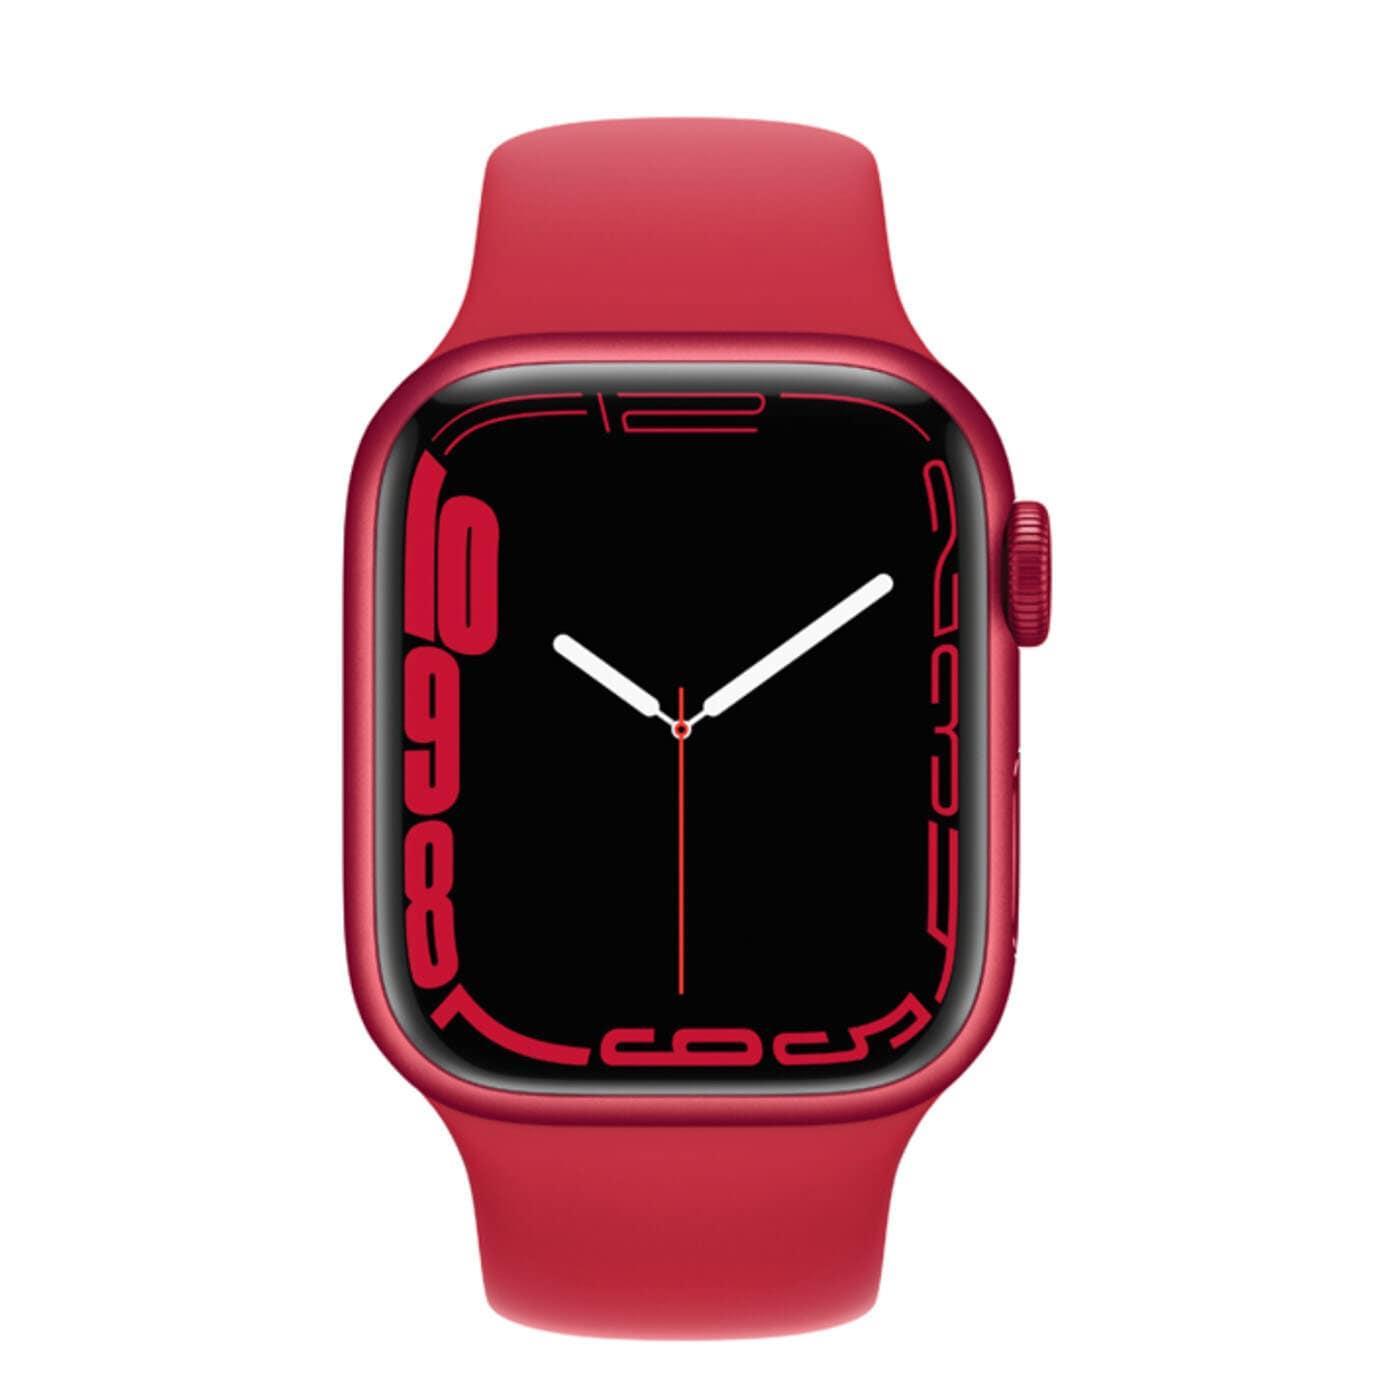 Apple Watch Series 7 Aluminiumboett, Sportband - Röd